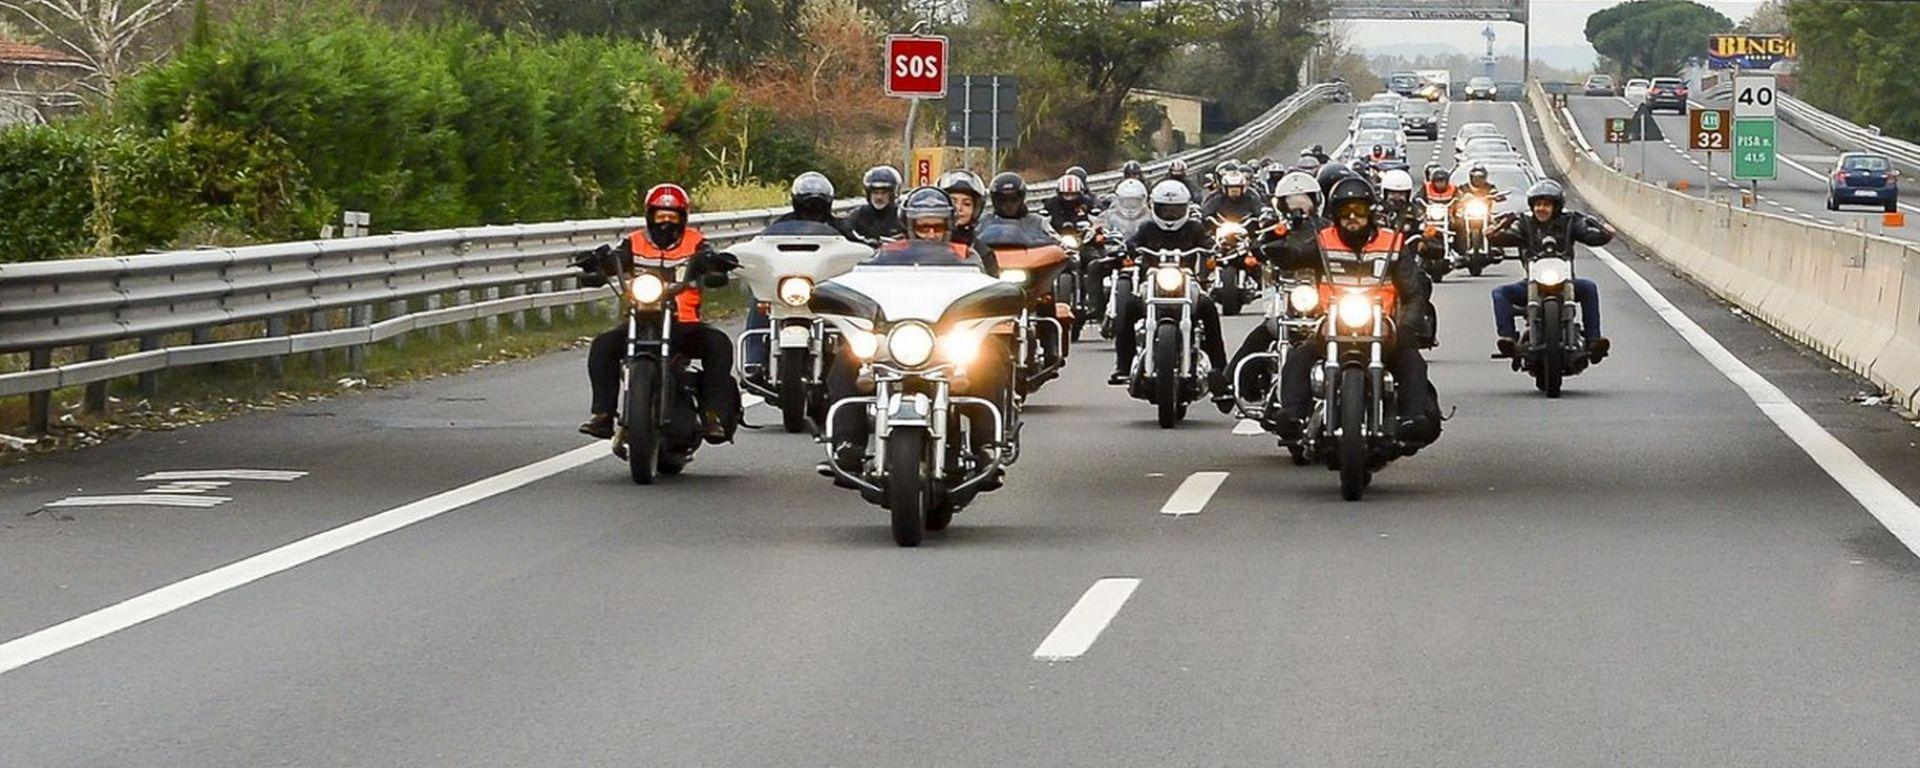 Moto in autostrada, prorogato sconto del 30% per targhe abbinate a Telepass